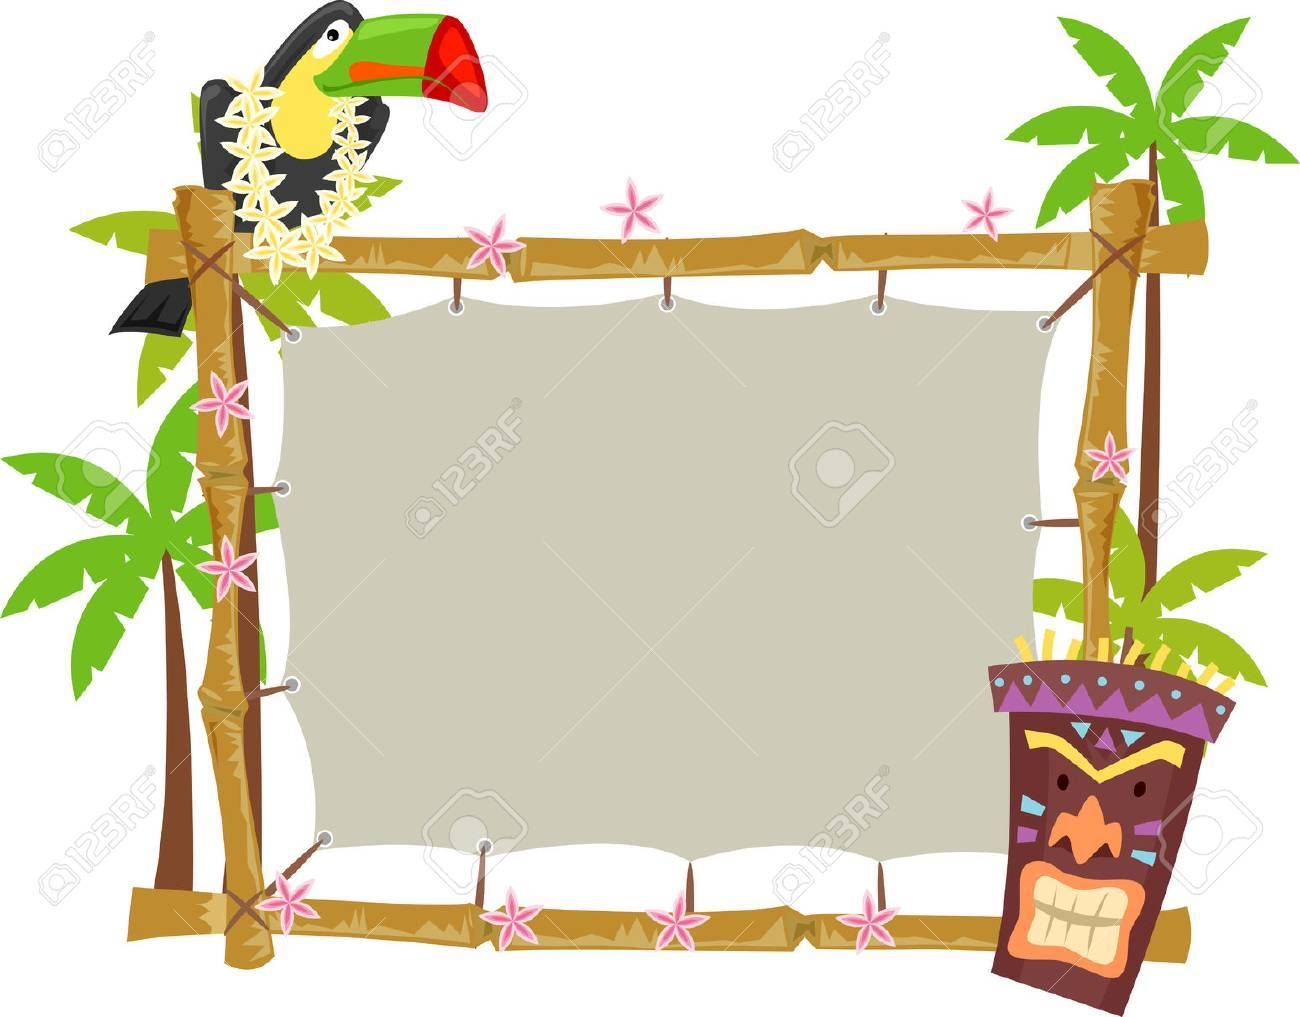 木枠の上に腰掛けてオオハシのイラスト の写真素材画像素材 Image